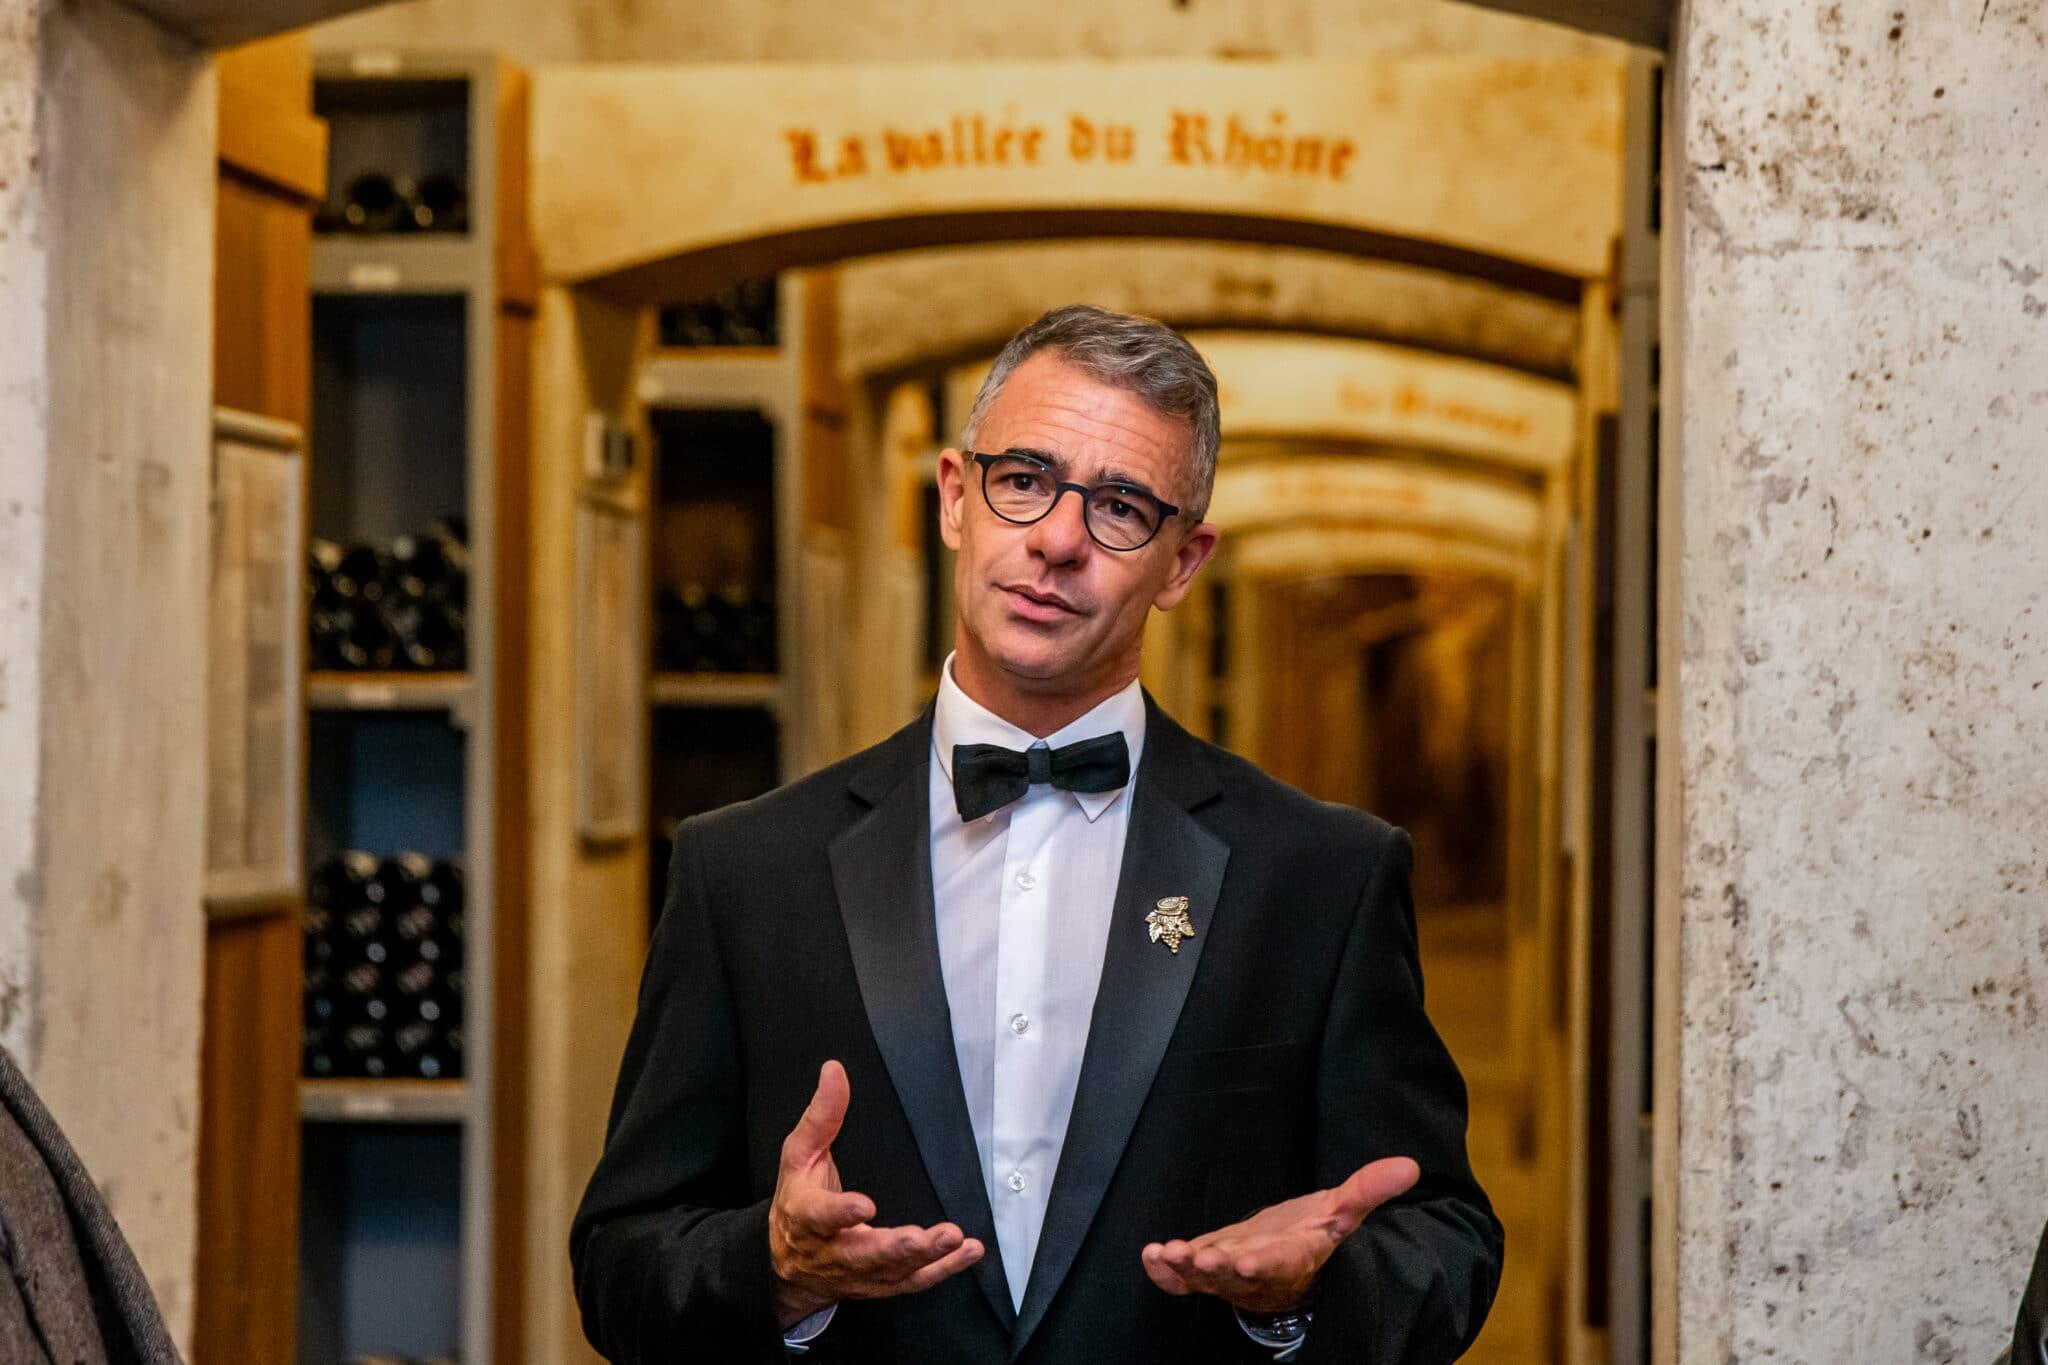 Soirée Amex Centurion dans les Caves de l'Hôtel de Paris, S.B.M. Monaco, le 12 Avril 2019